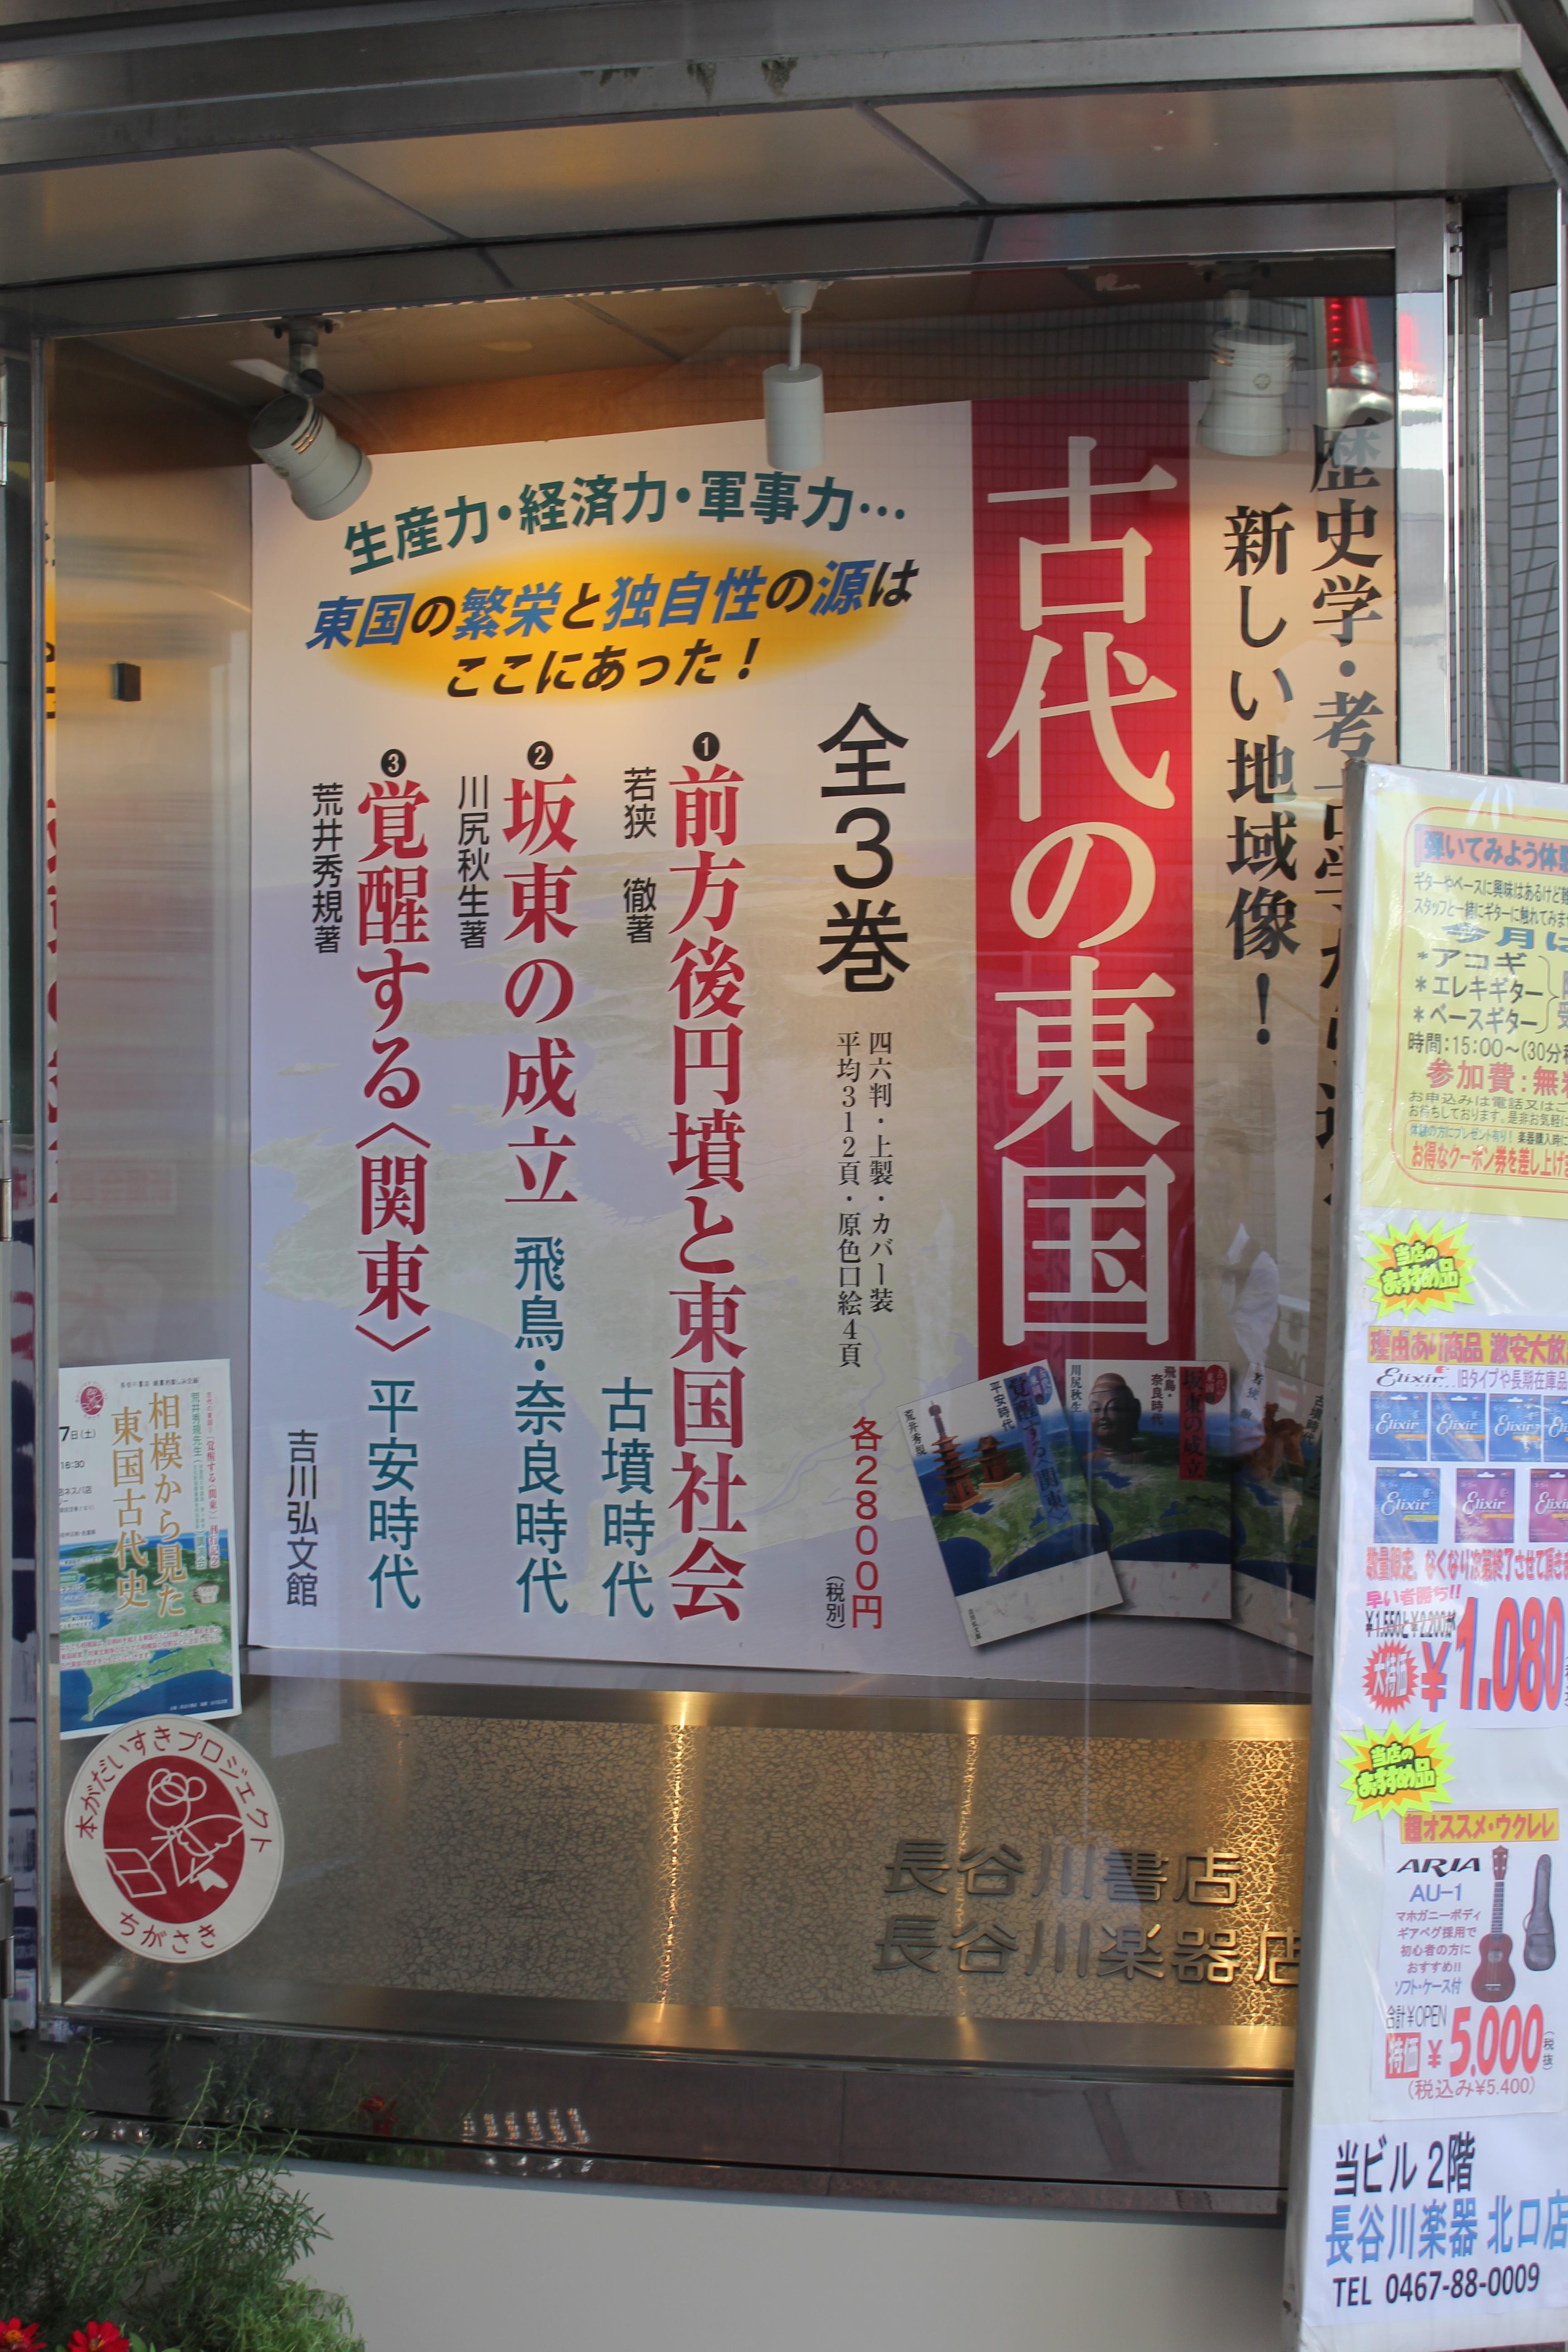 長谷川書店ネスパ茅ヶ崎店入口